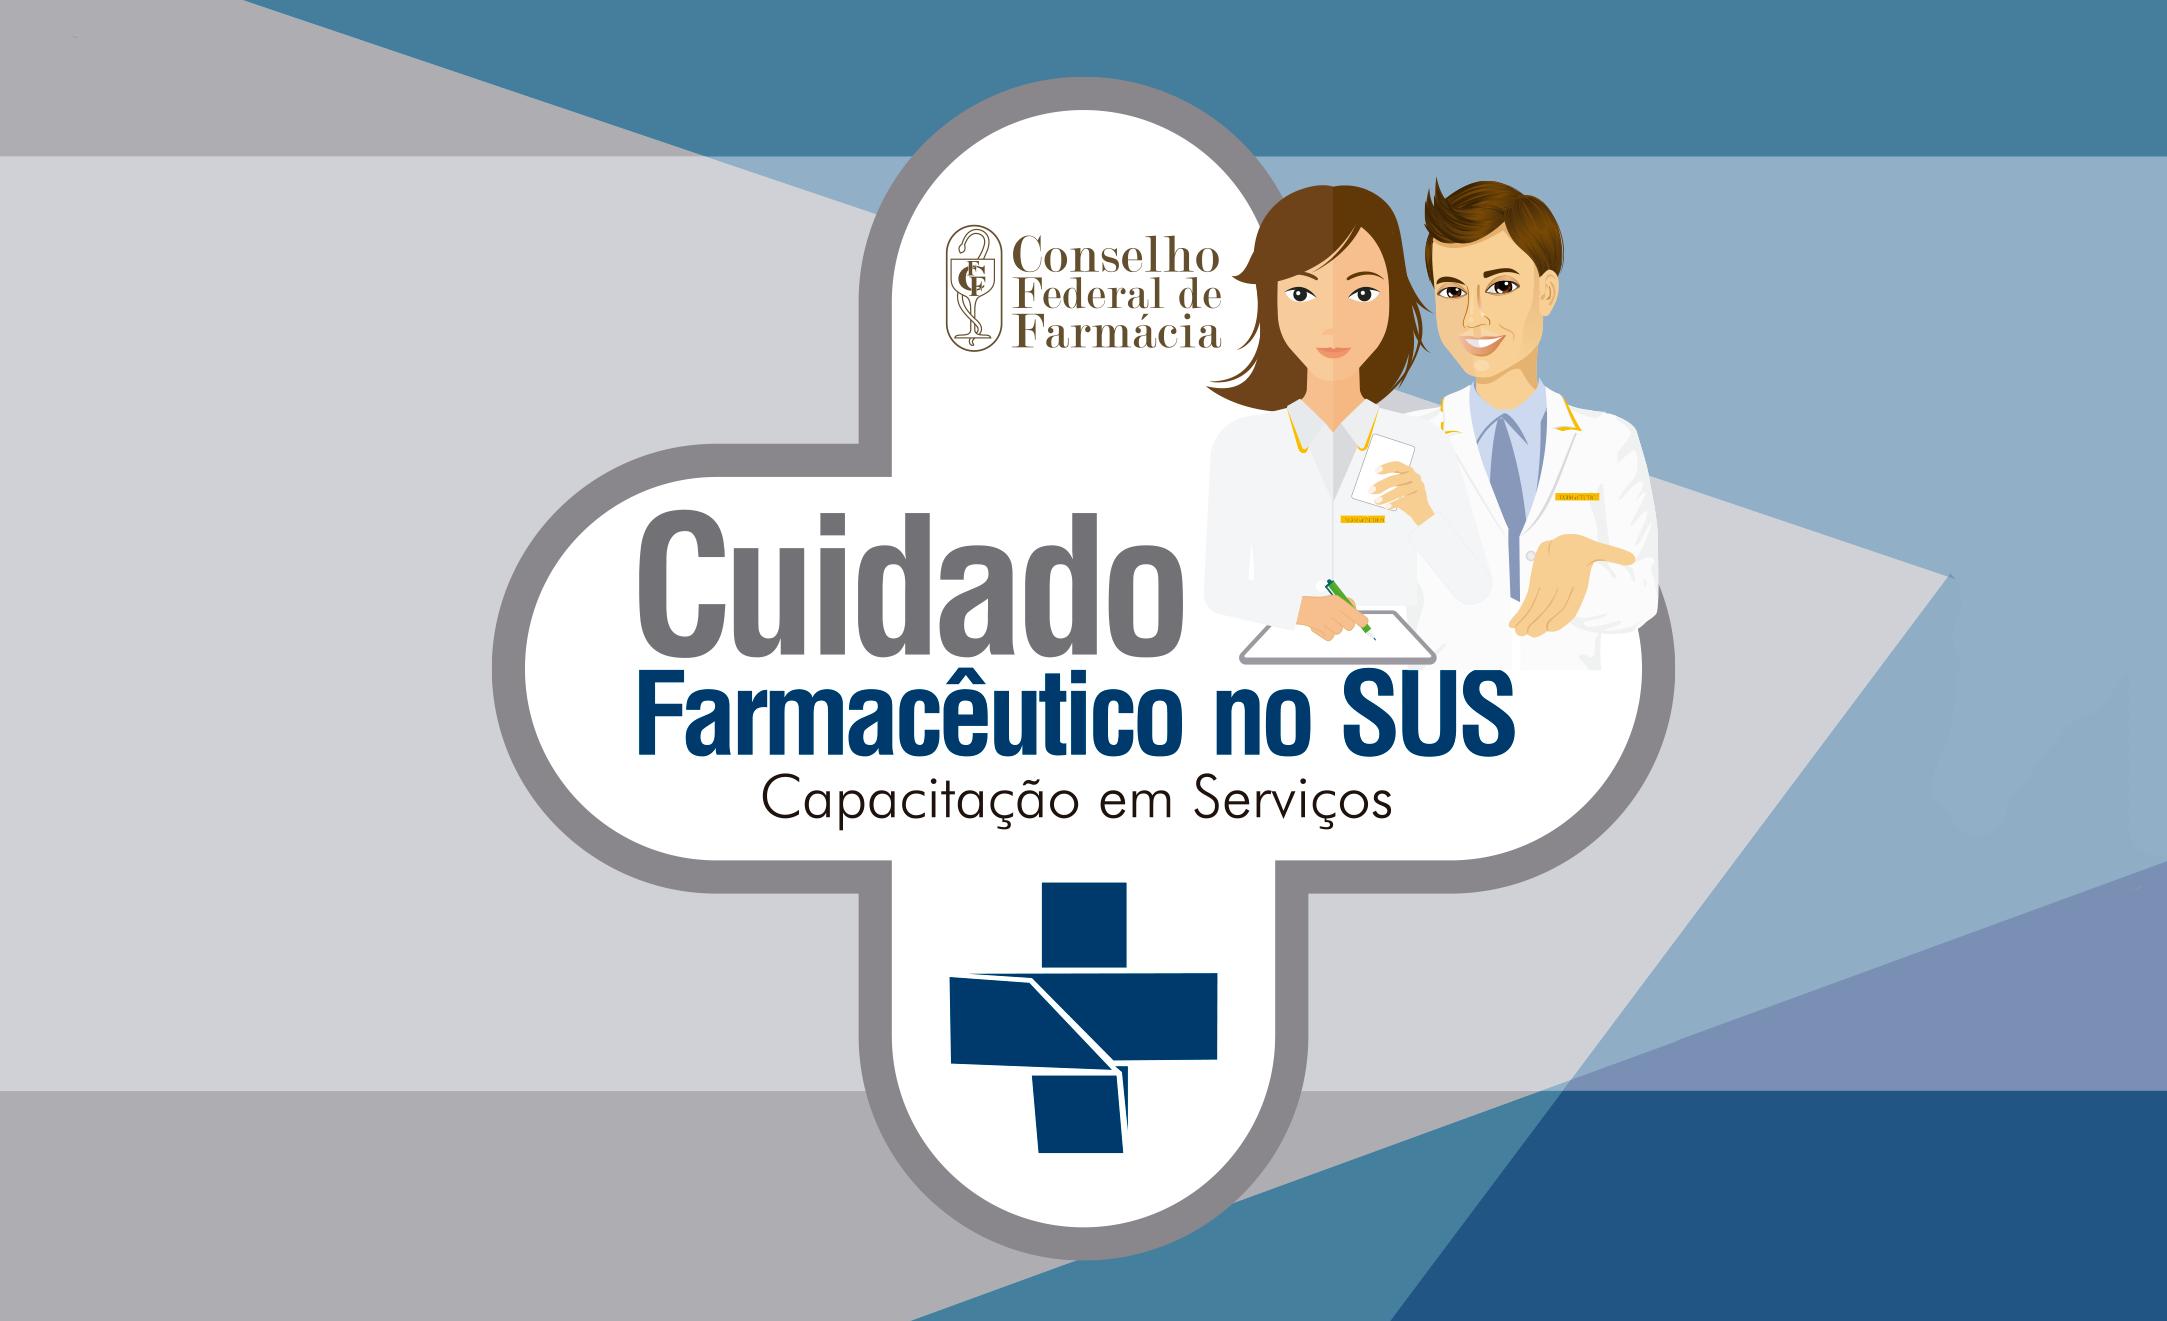 Montes Claros recebe a primeira turma mineira do projeto Cuidado Farmacêutico no SUS em 2019